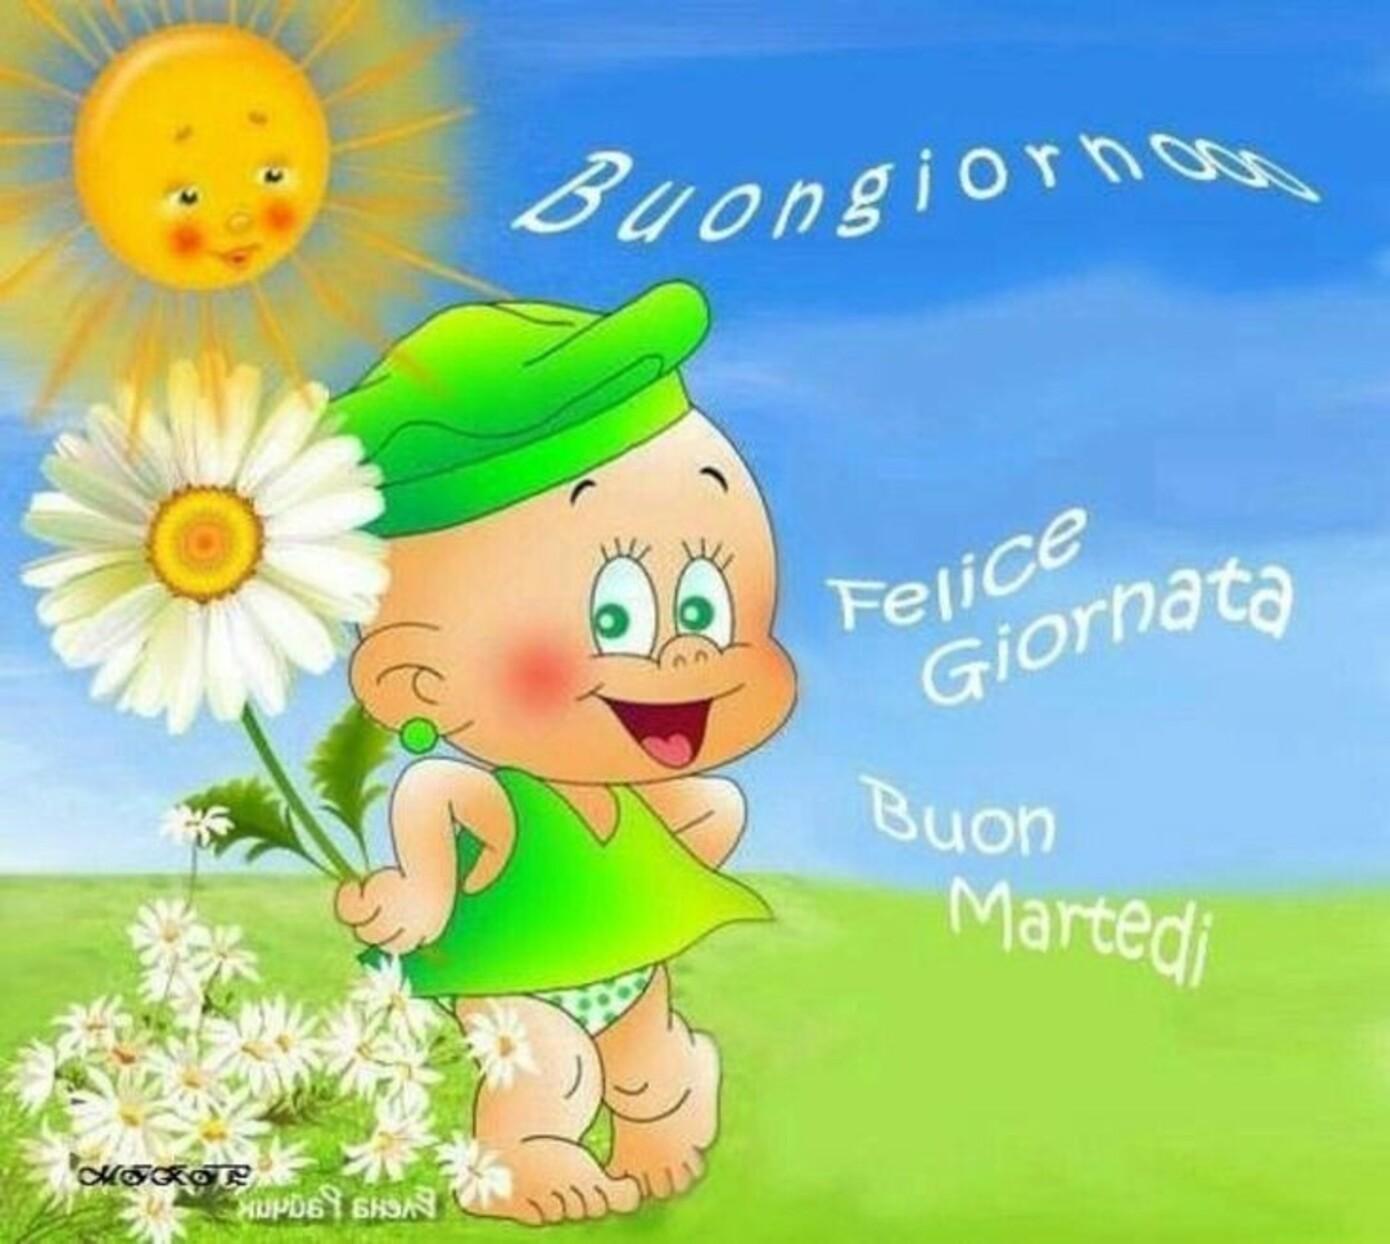 Buongiorno Felice Giornata Buon Martedì